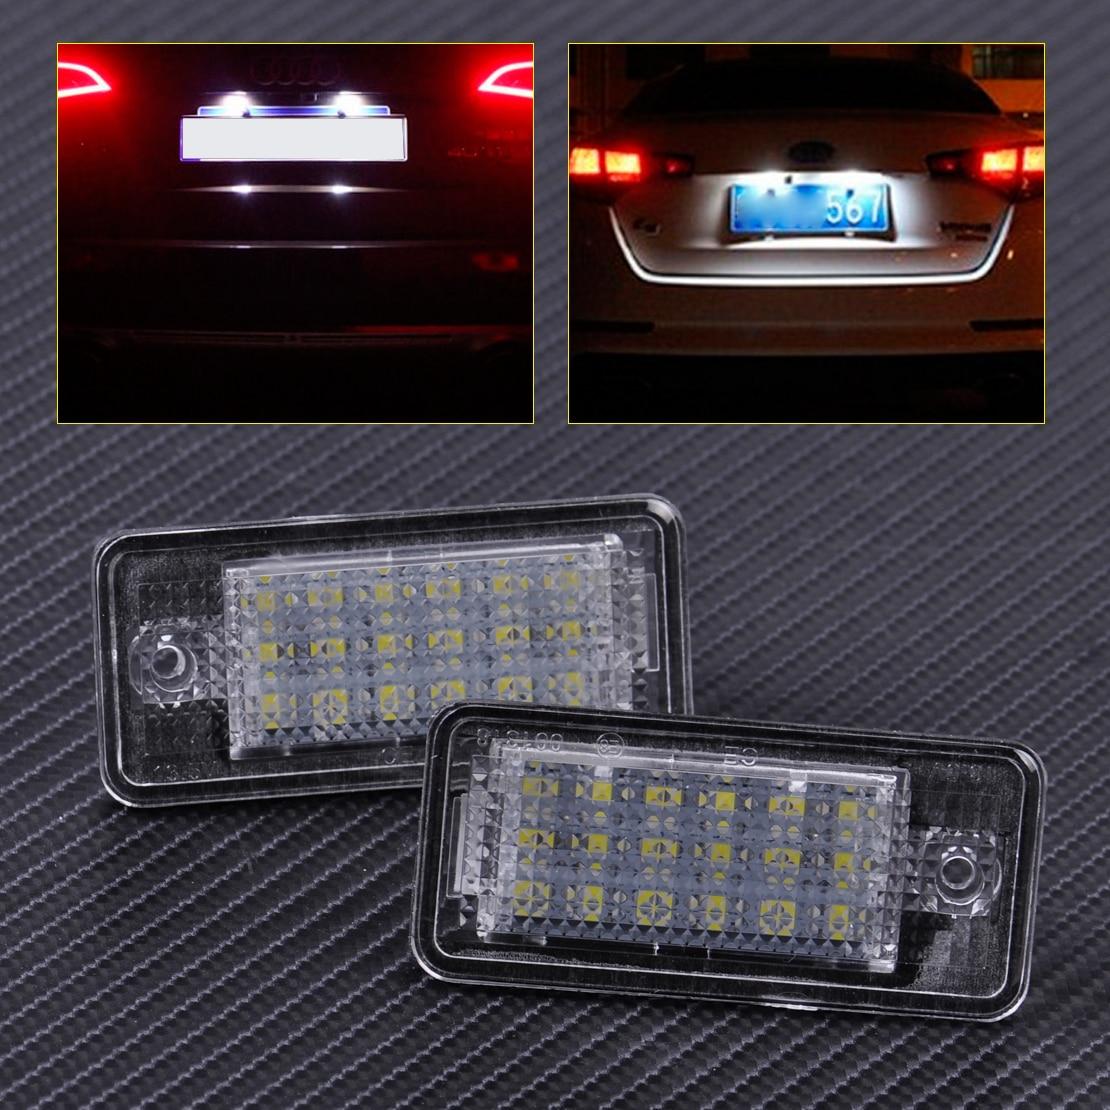 CITALL 2x Error Free 18 LED License Plate Lights Lamp 68E0807430A 8E0807430B for Audi A3 A4 A5 A6 A8 Q7 2004 2005 2006 2007 2008 доска для объявлений dz 1 2 j8b [6 ] jndx 8 s b